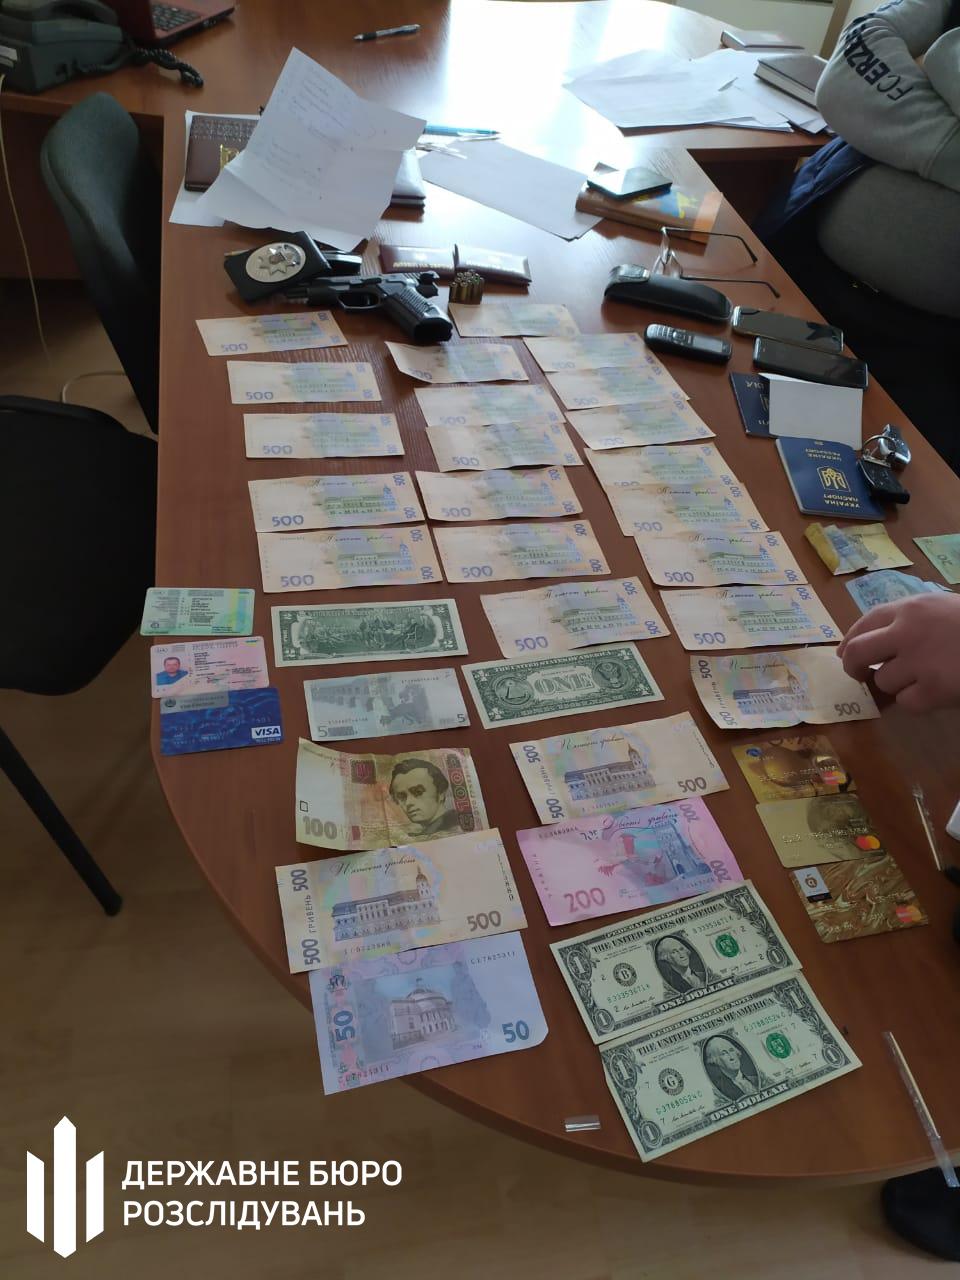 Злоумышленники требовали взятку в размере 40 тысяч грн